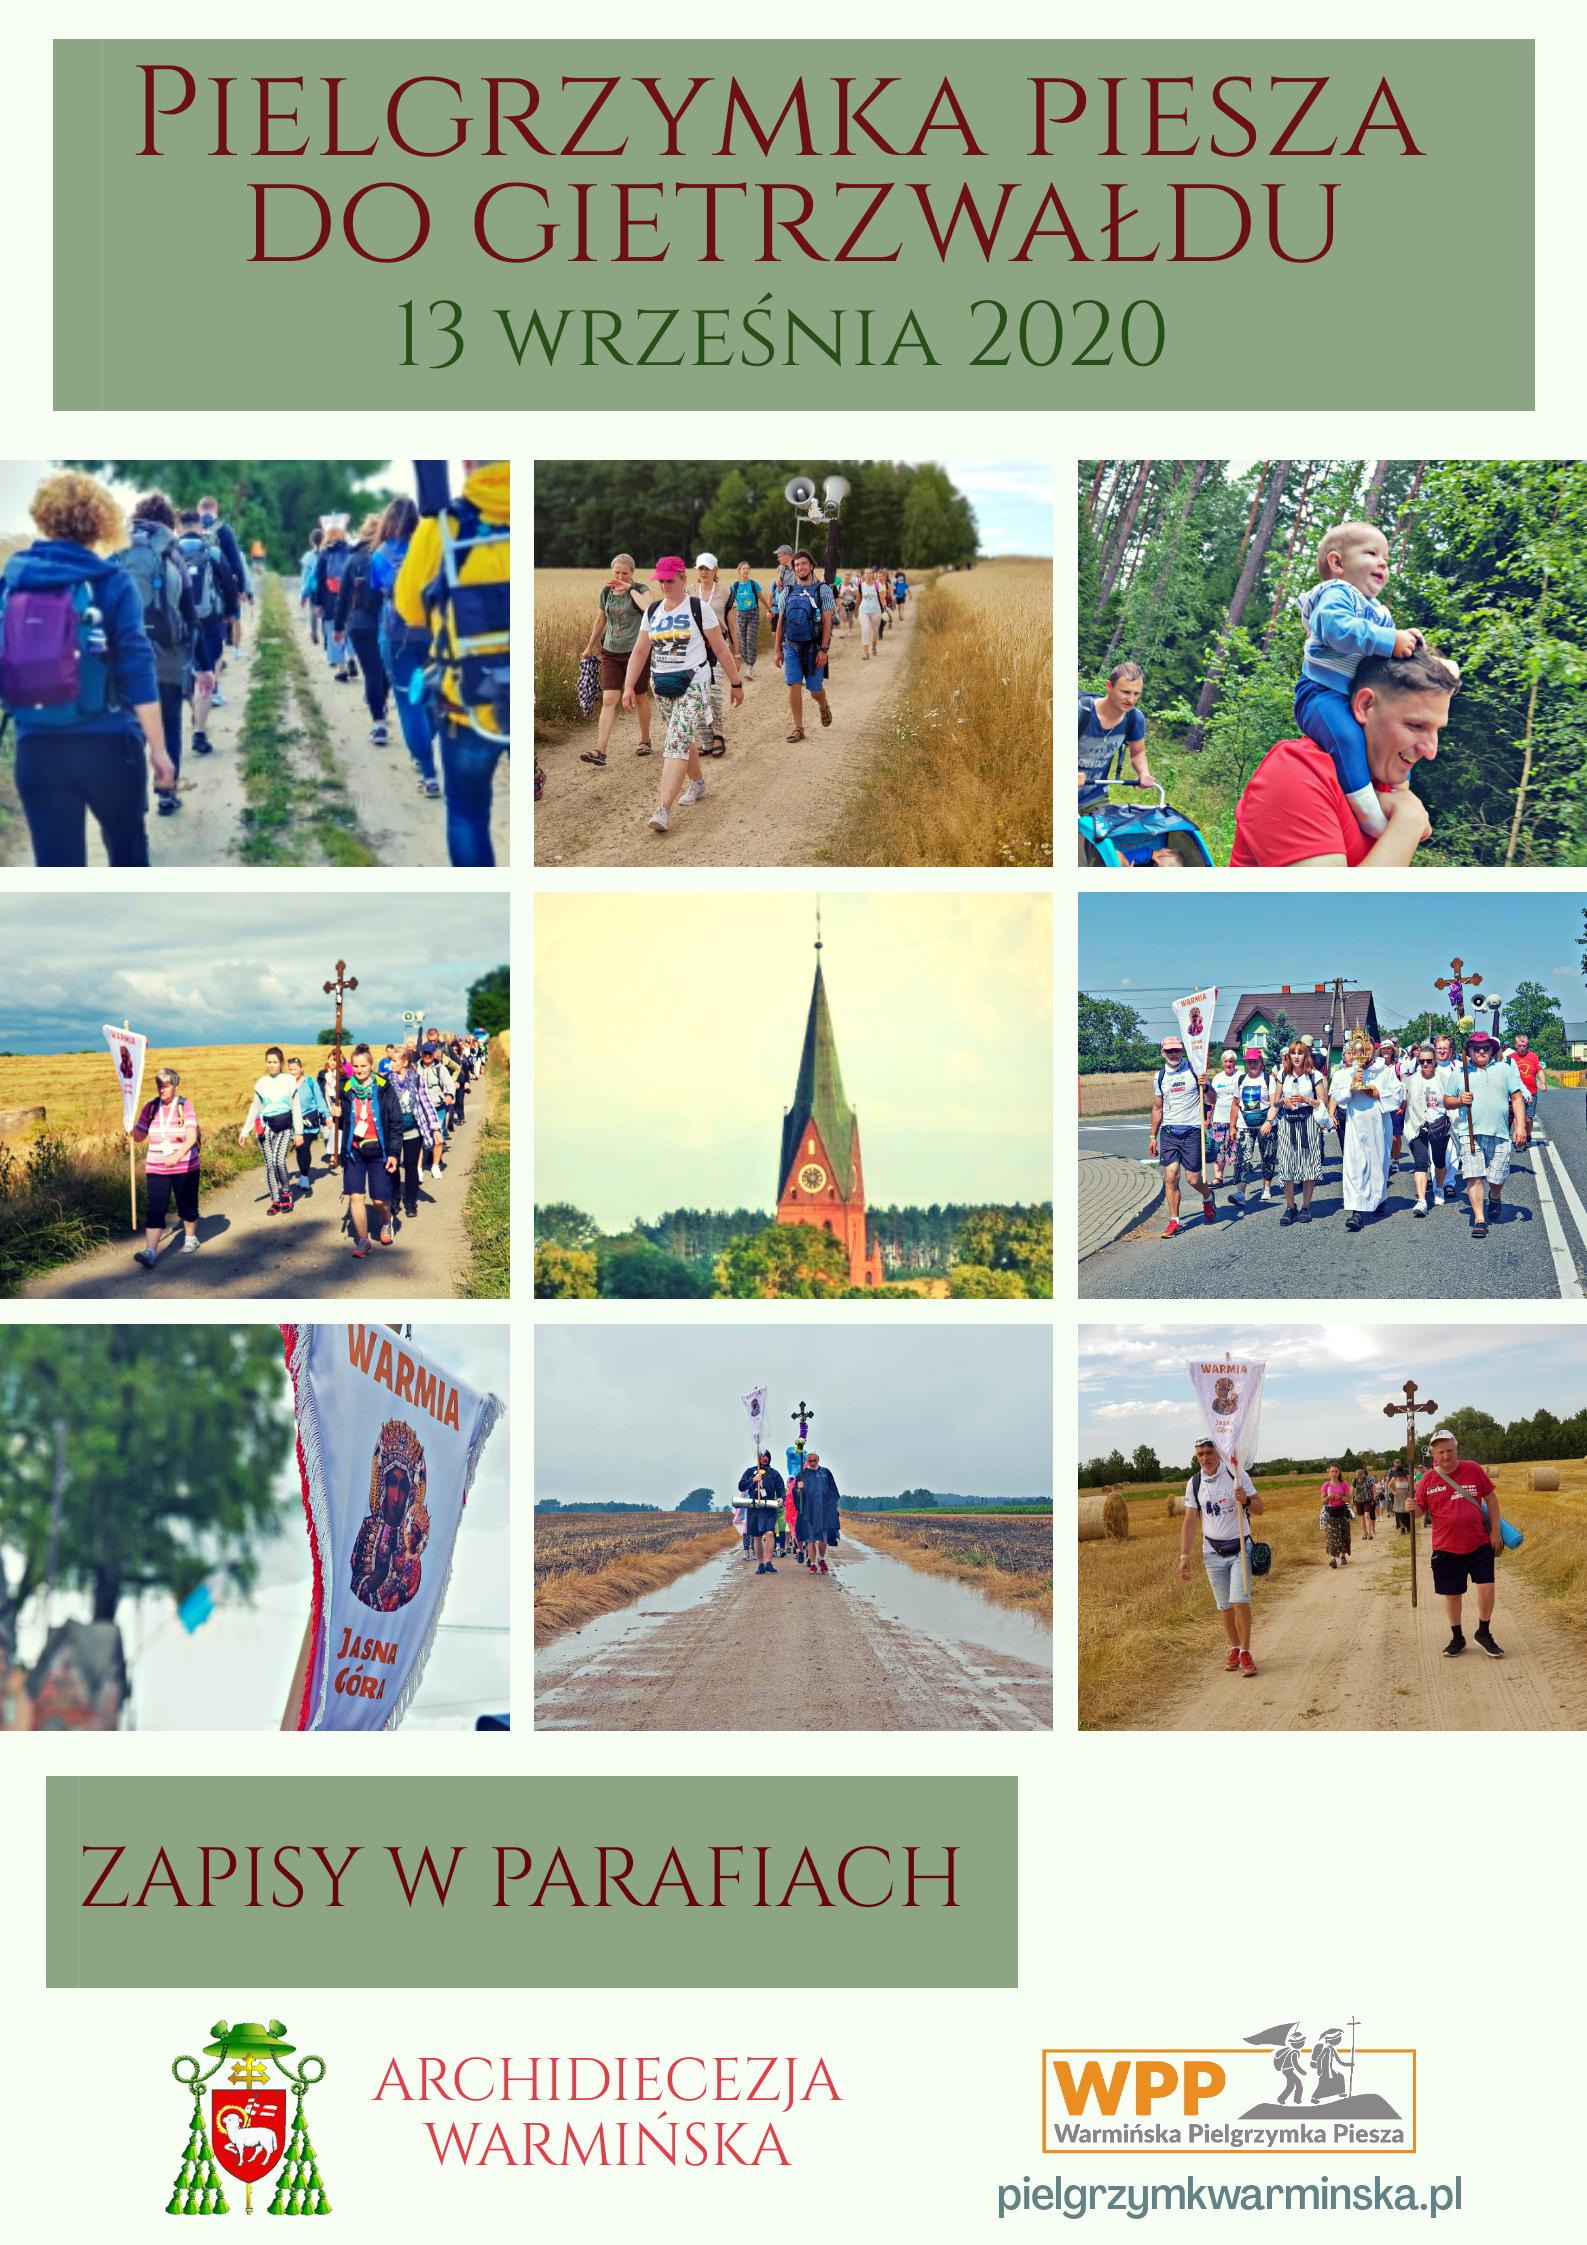 13.09.2020 r. – Pielgrzymka Piesza do Gietrzwałdu